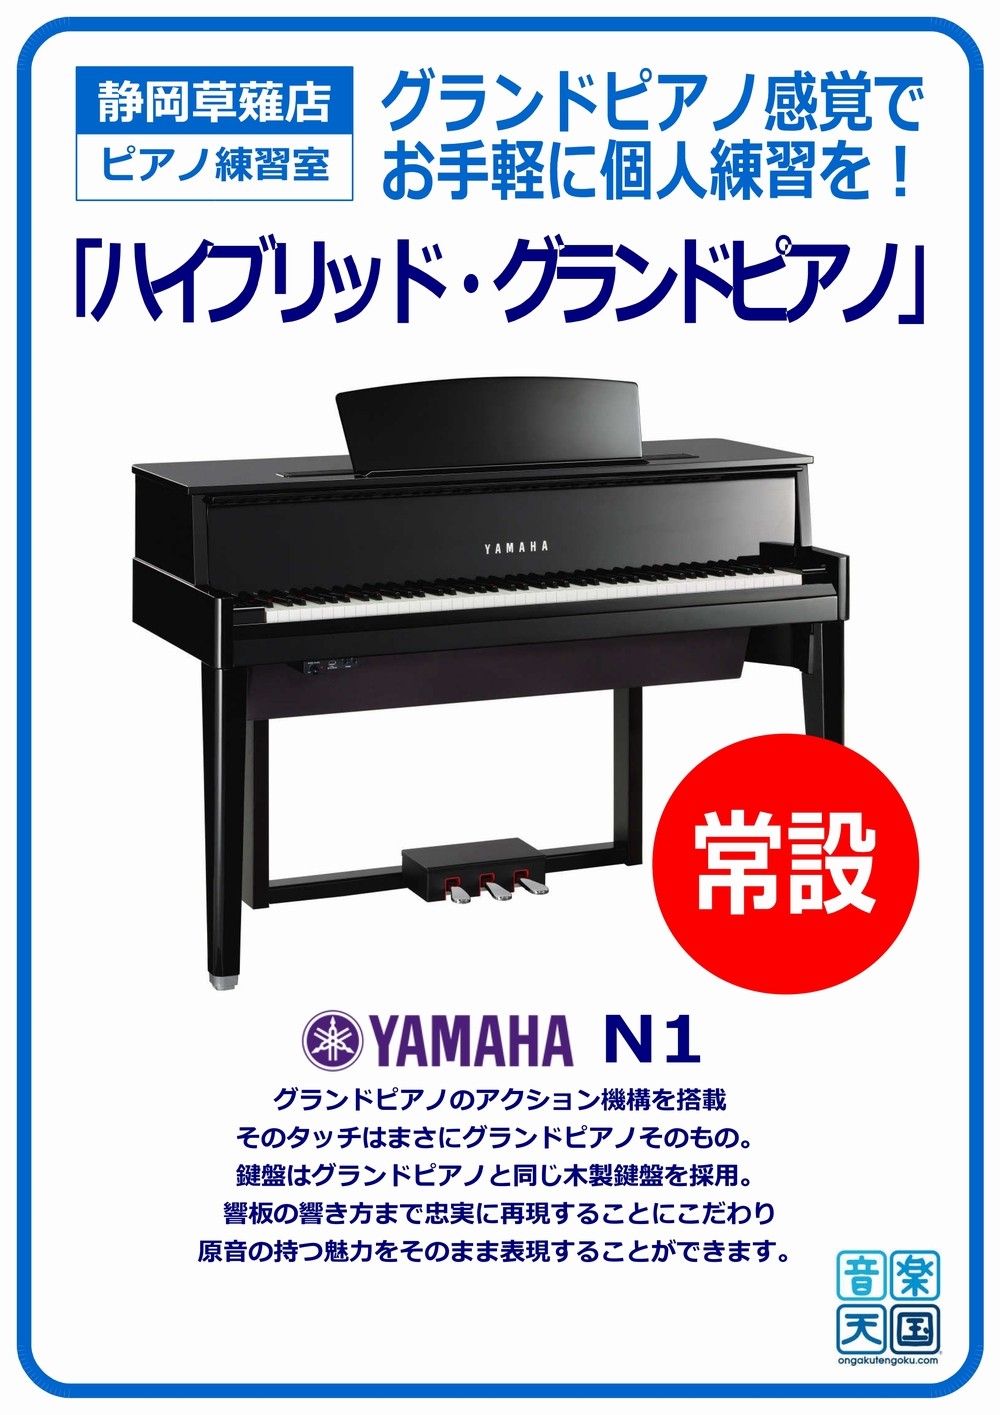 音楽天国・静岡草薙店のピアノ練習室